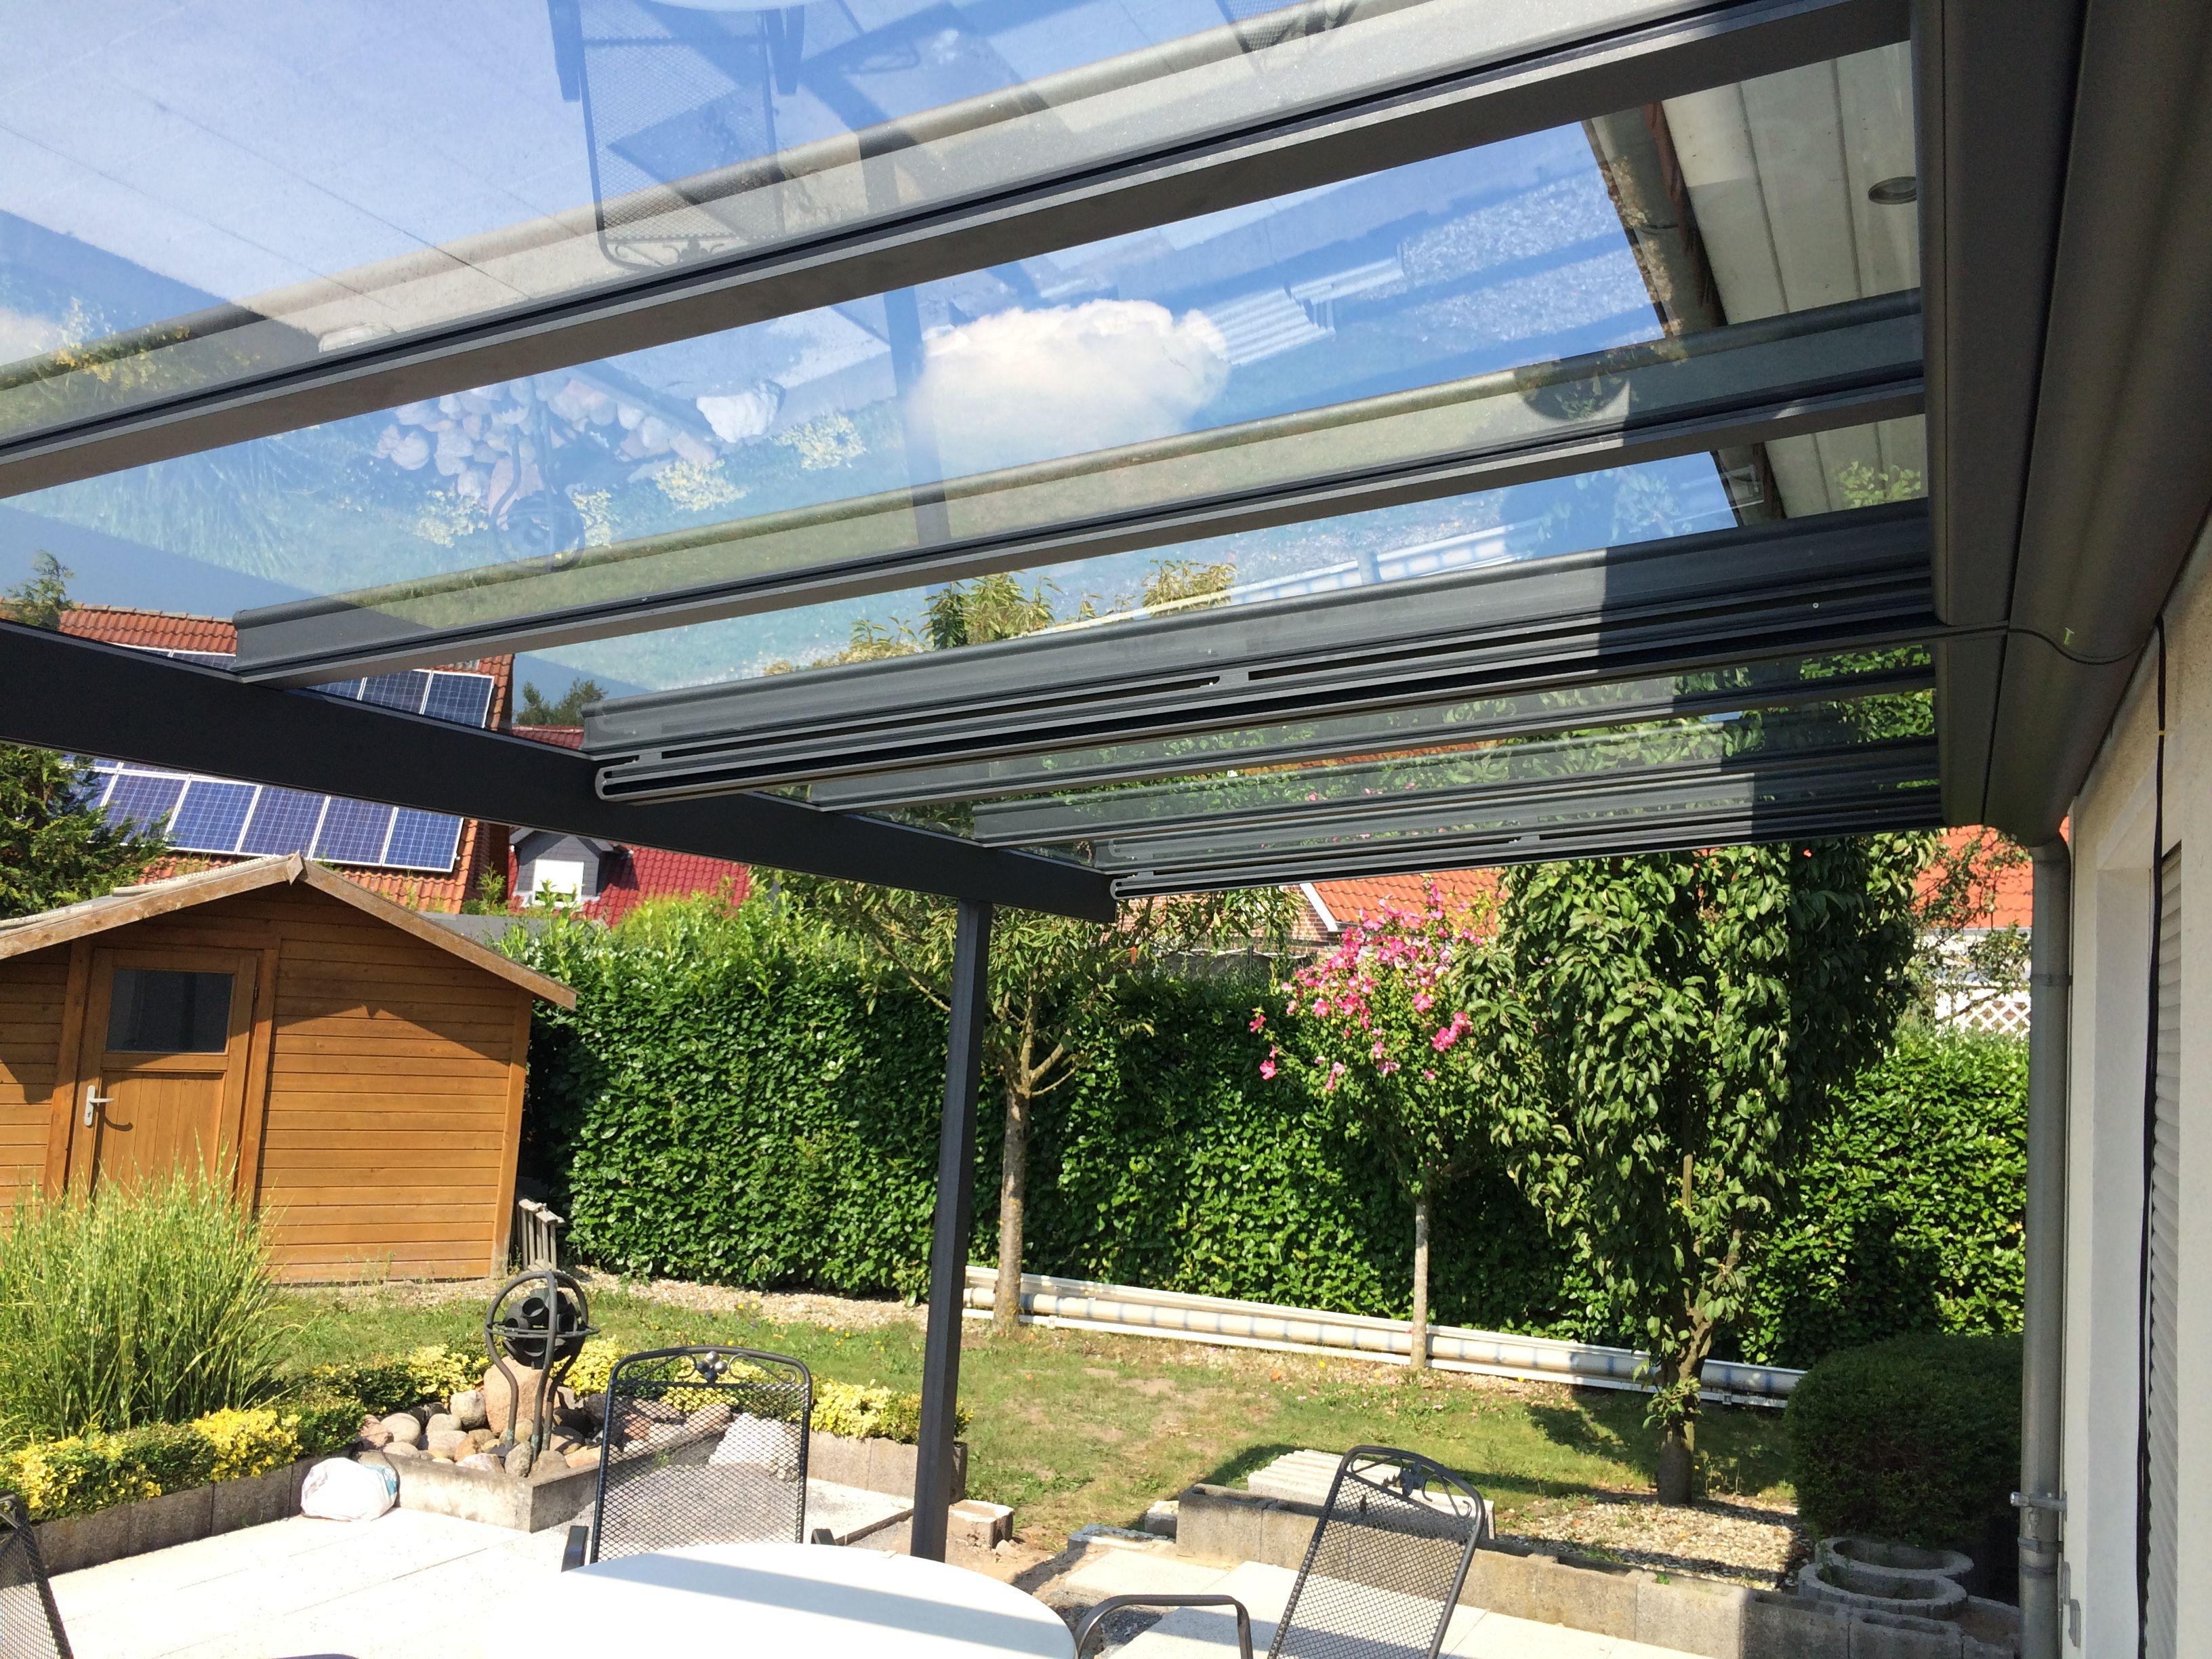 Perfekter Wetterschutz Fur Die Terrasse Mit Unterbau Markisen Und Led Beleuchtung Vom Sonnensc Uberdachung Terrasse Terrassendach Terrassenuberdachung